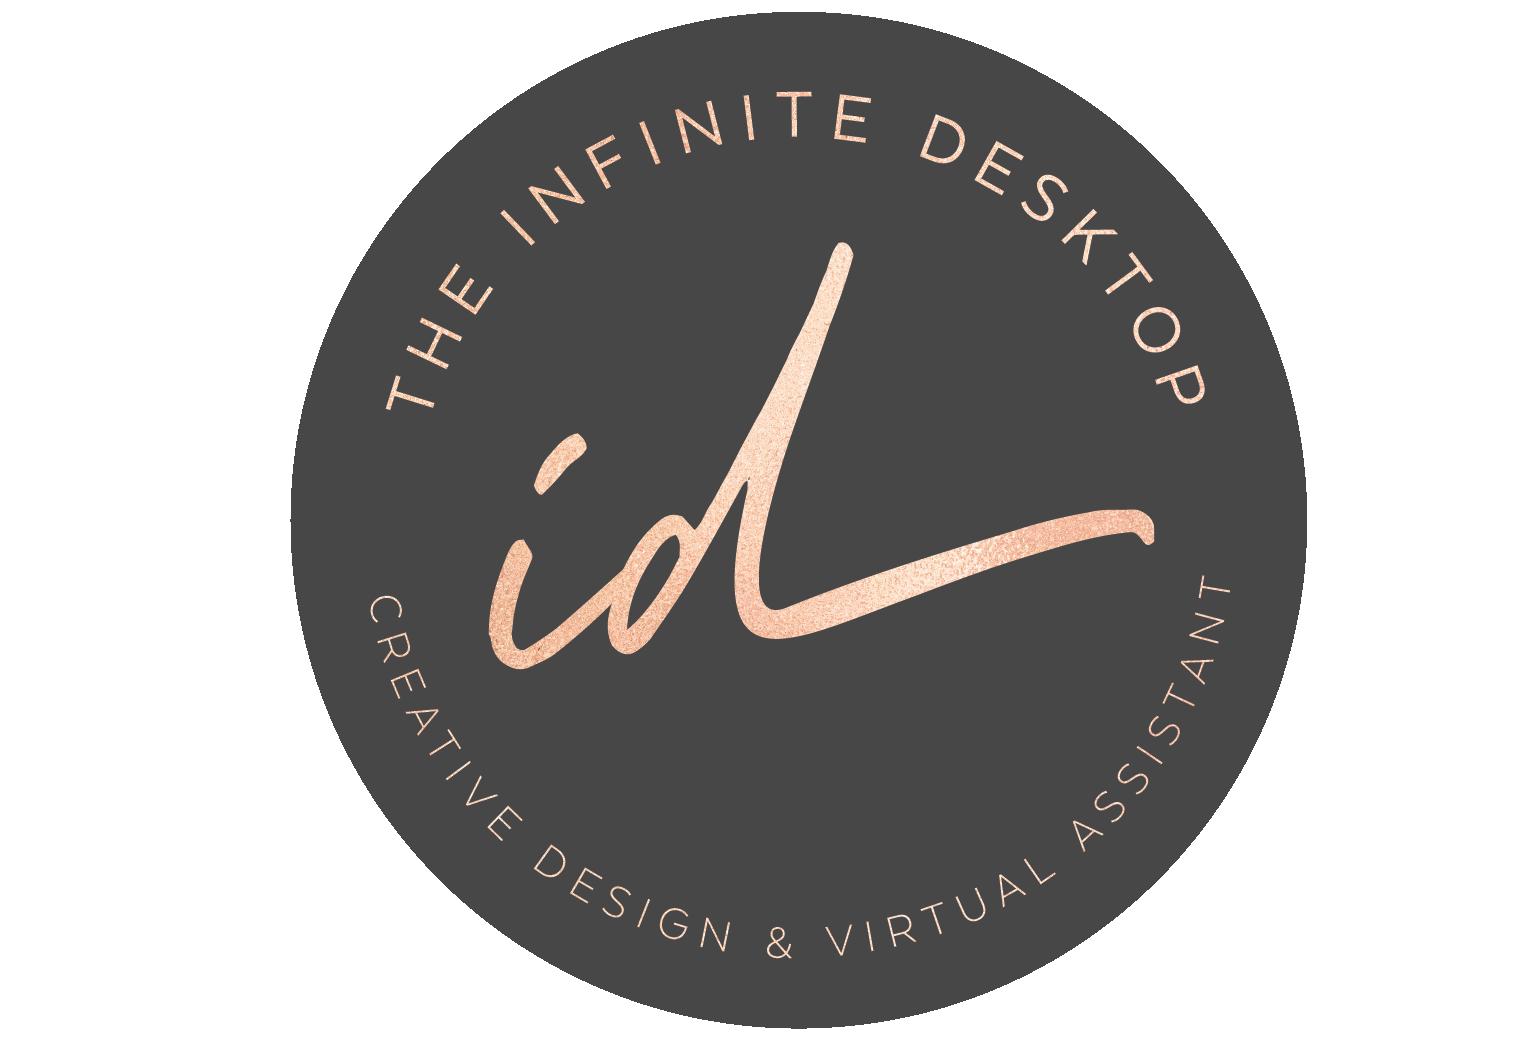 Logo-The Infinite Desktop_round-logo-dk grey rose gold font